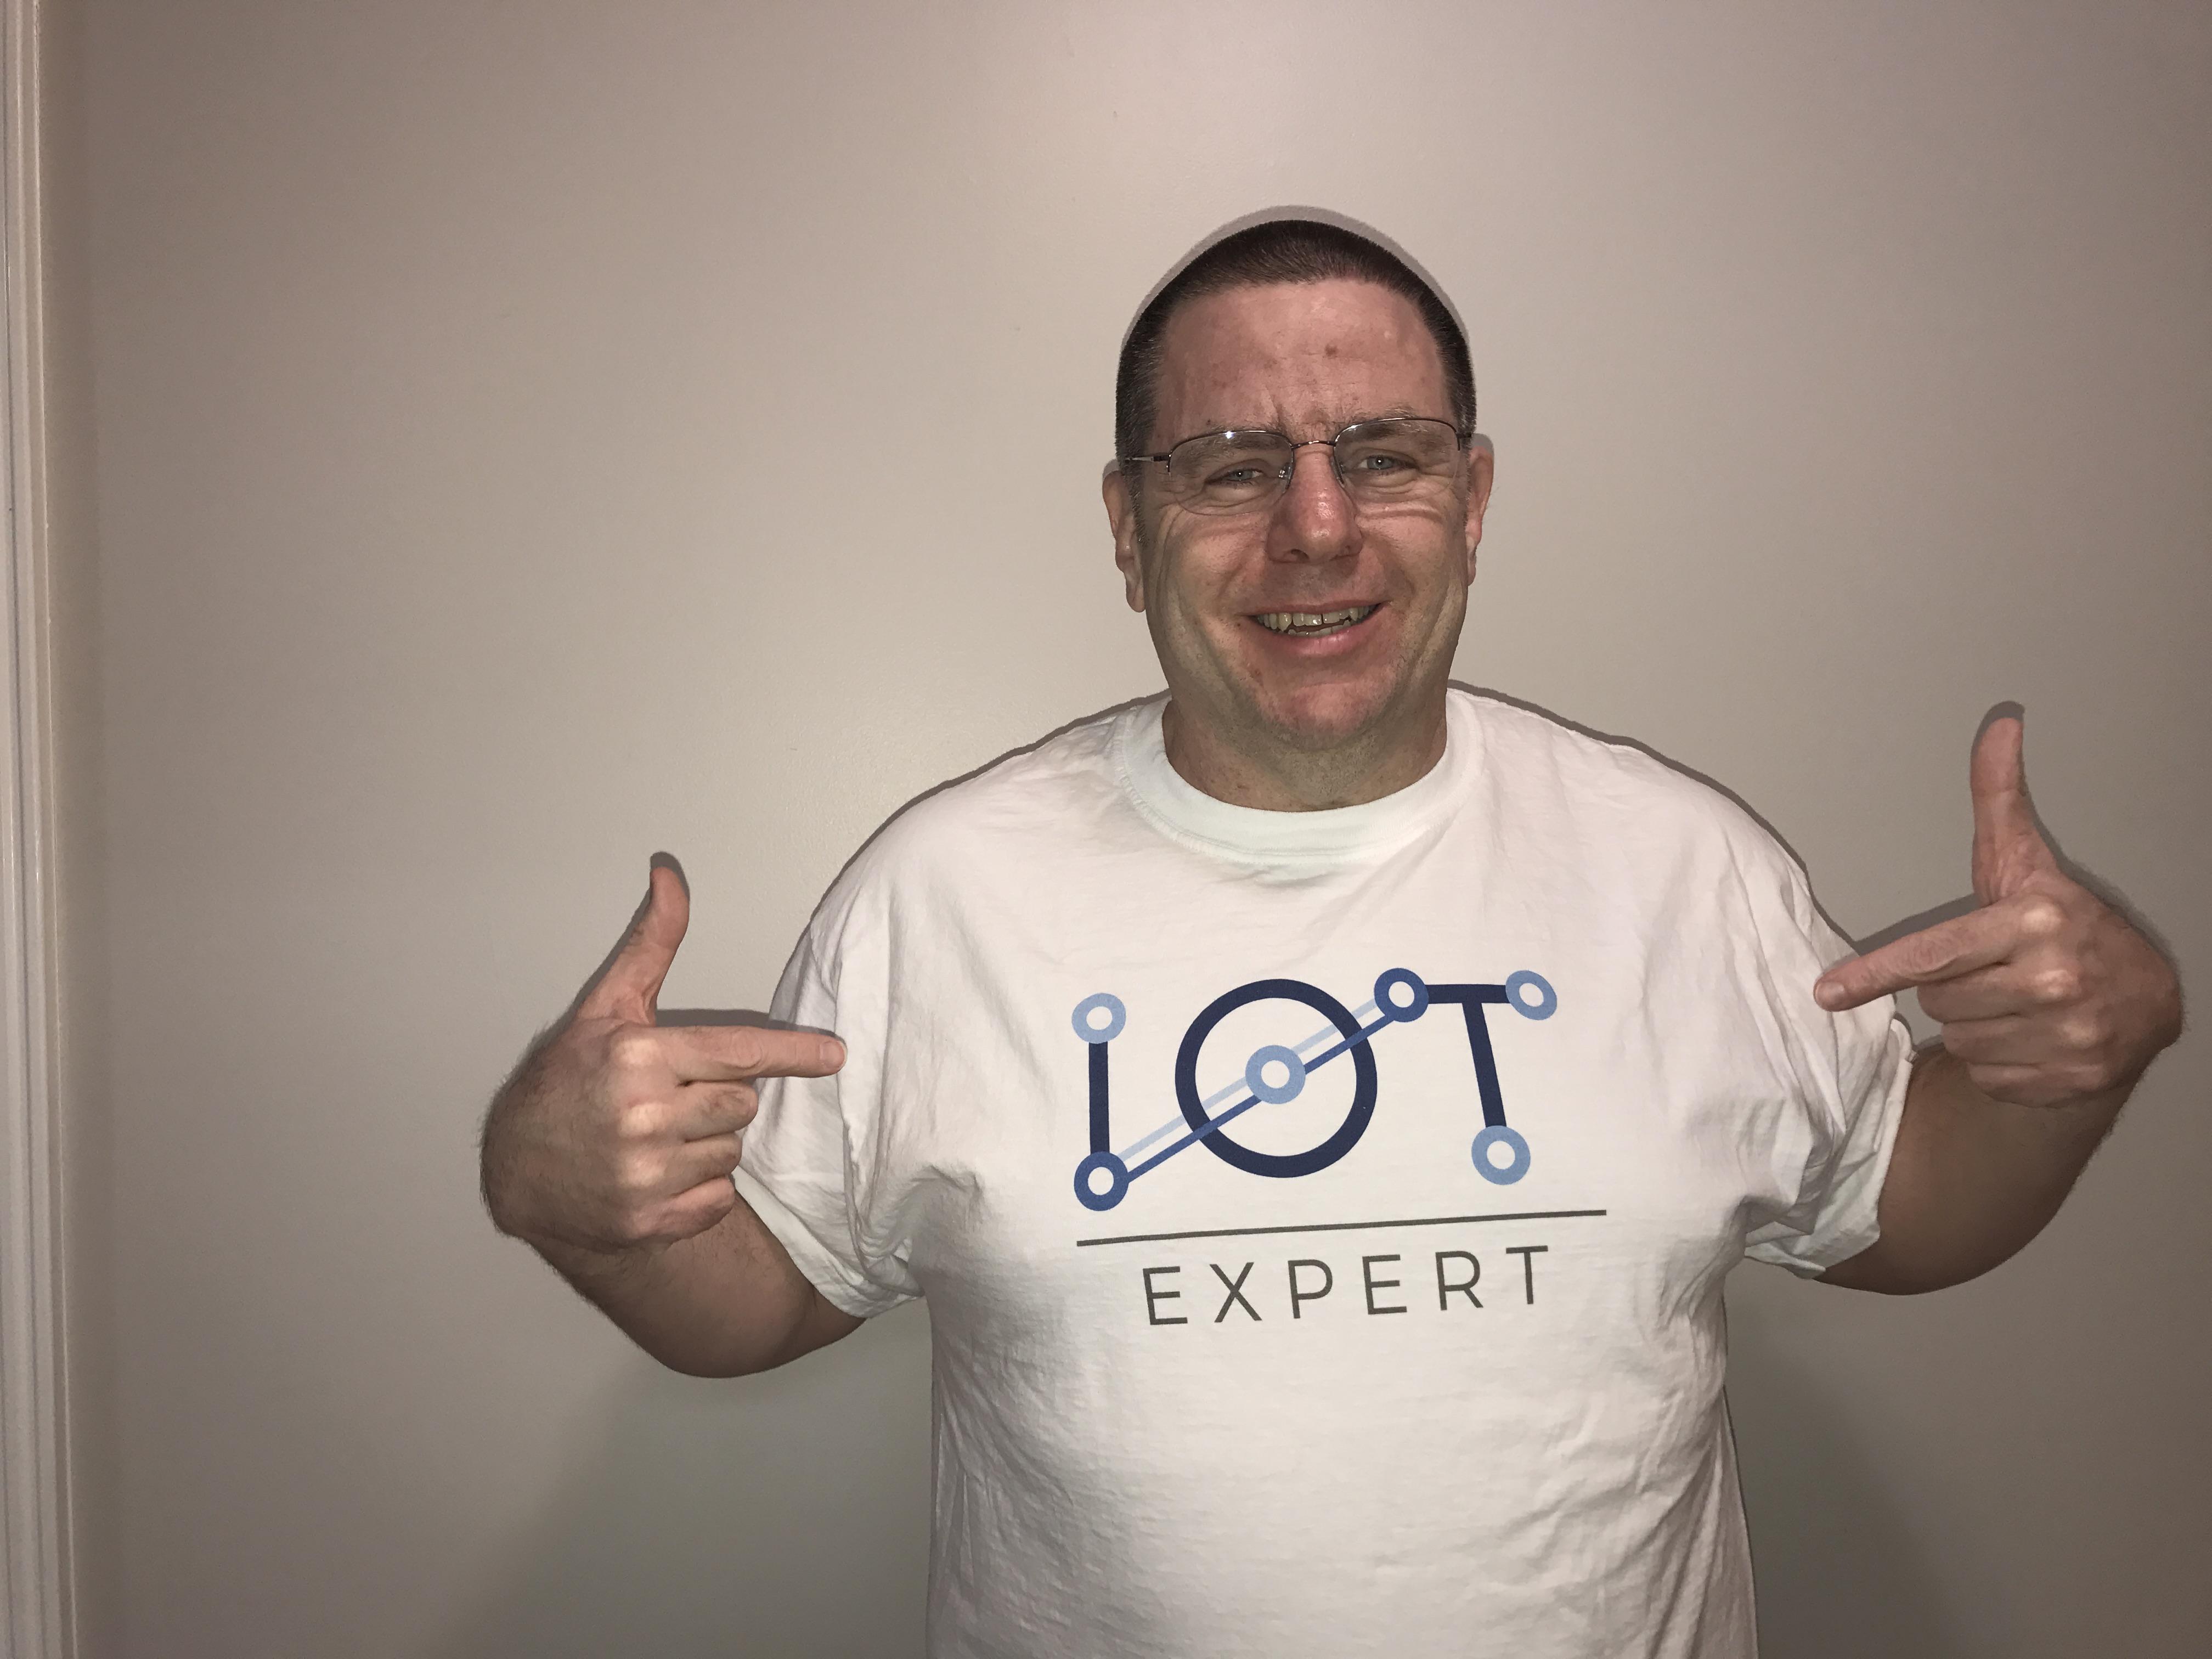 IoT Expert T-Shirt